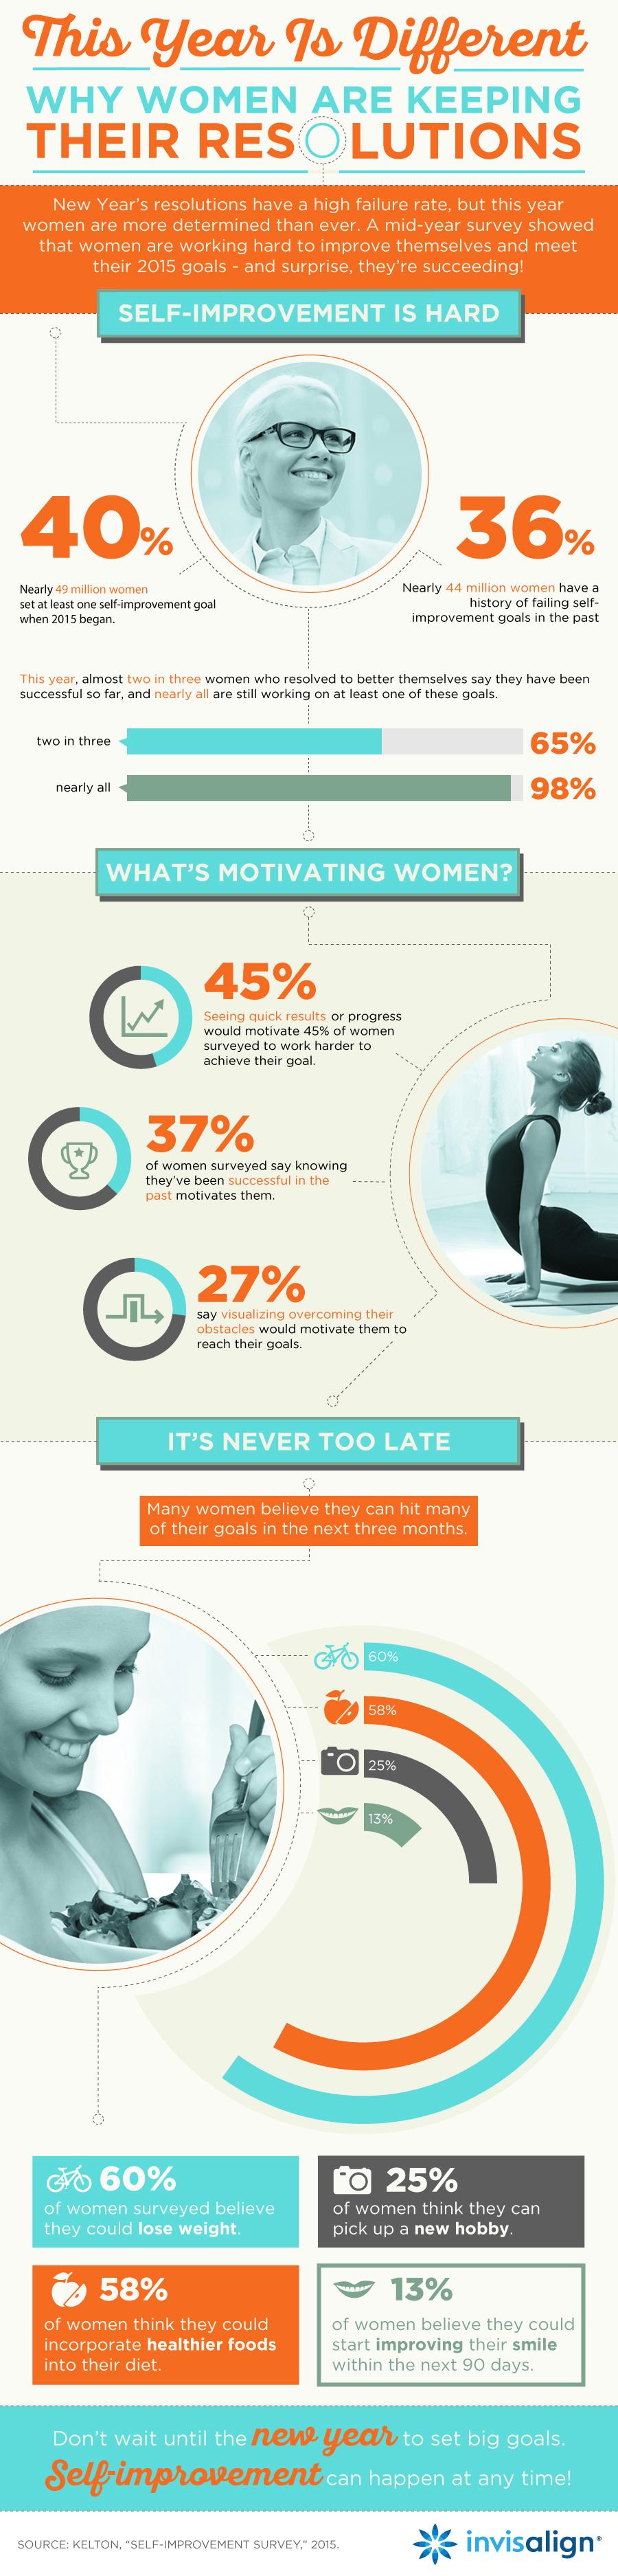 INVA_Self-Improvement-Infographic_V2